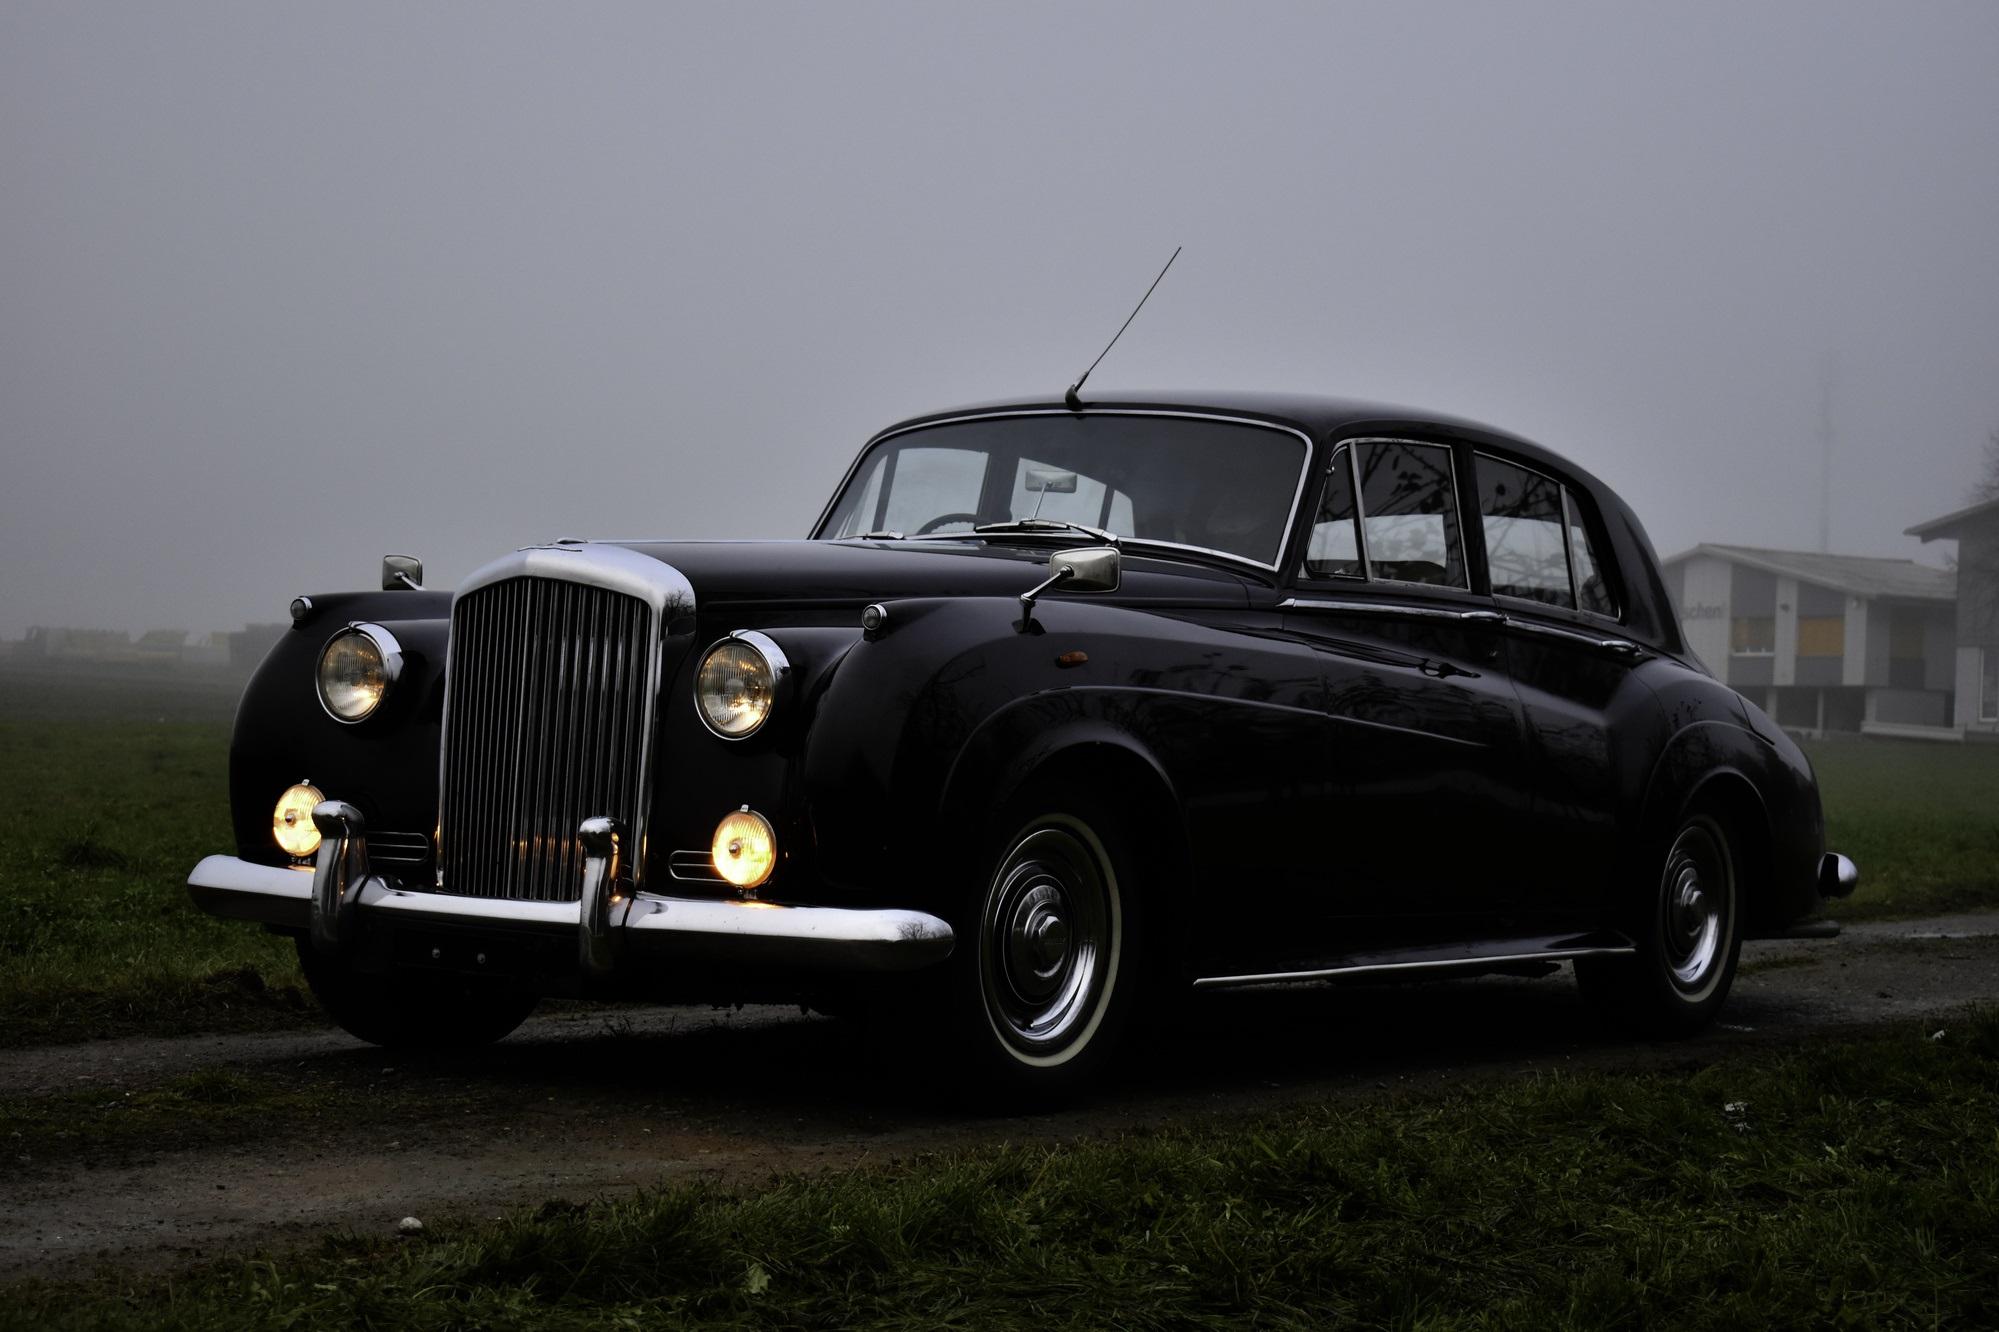 Versteigerung Auktion dunkelroter 1957 Bentley S1 in Dreiviertelansicht von rechts vorne im Nebel mit Baumhain im Hintergrund